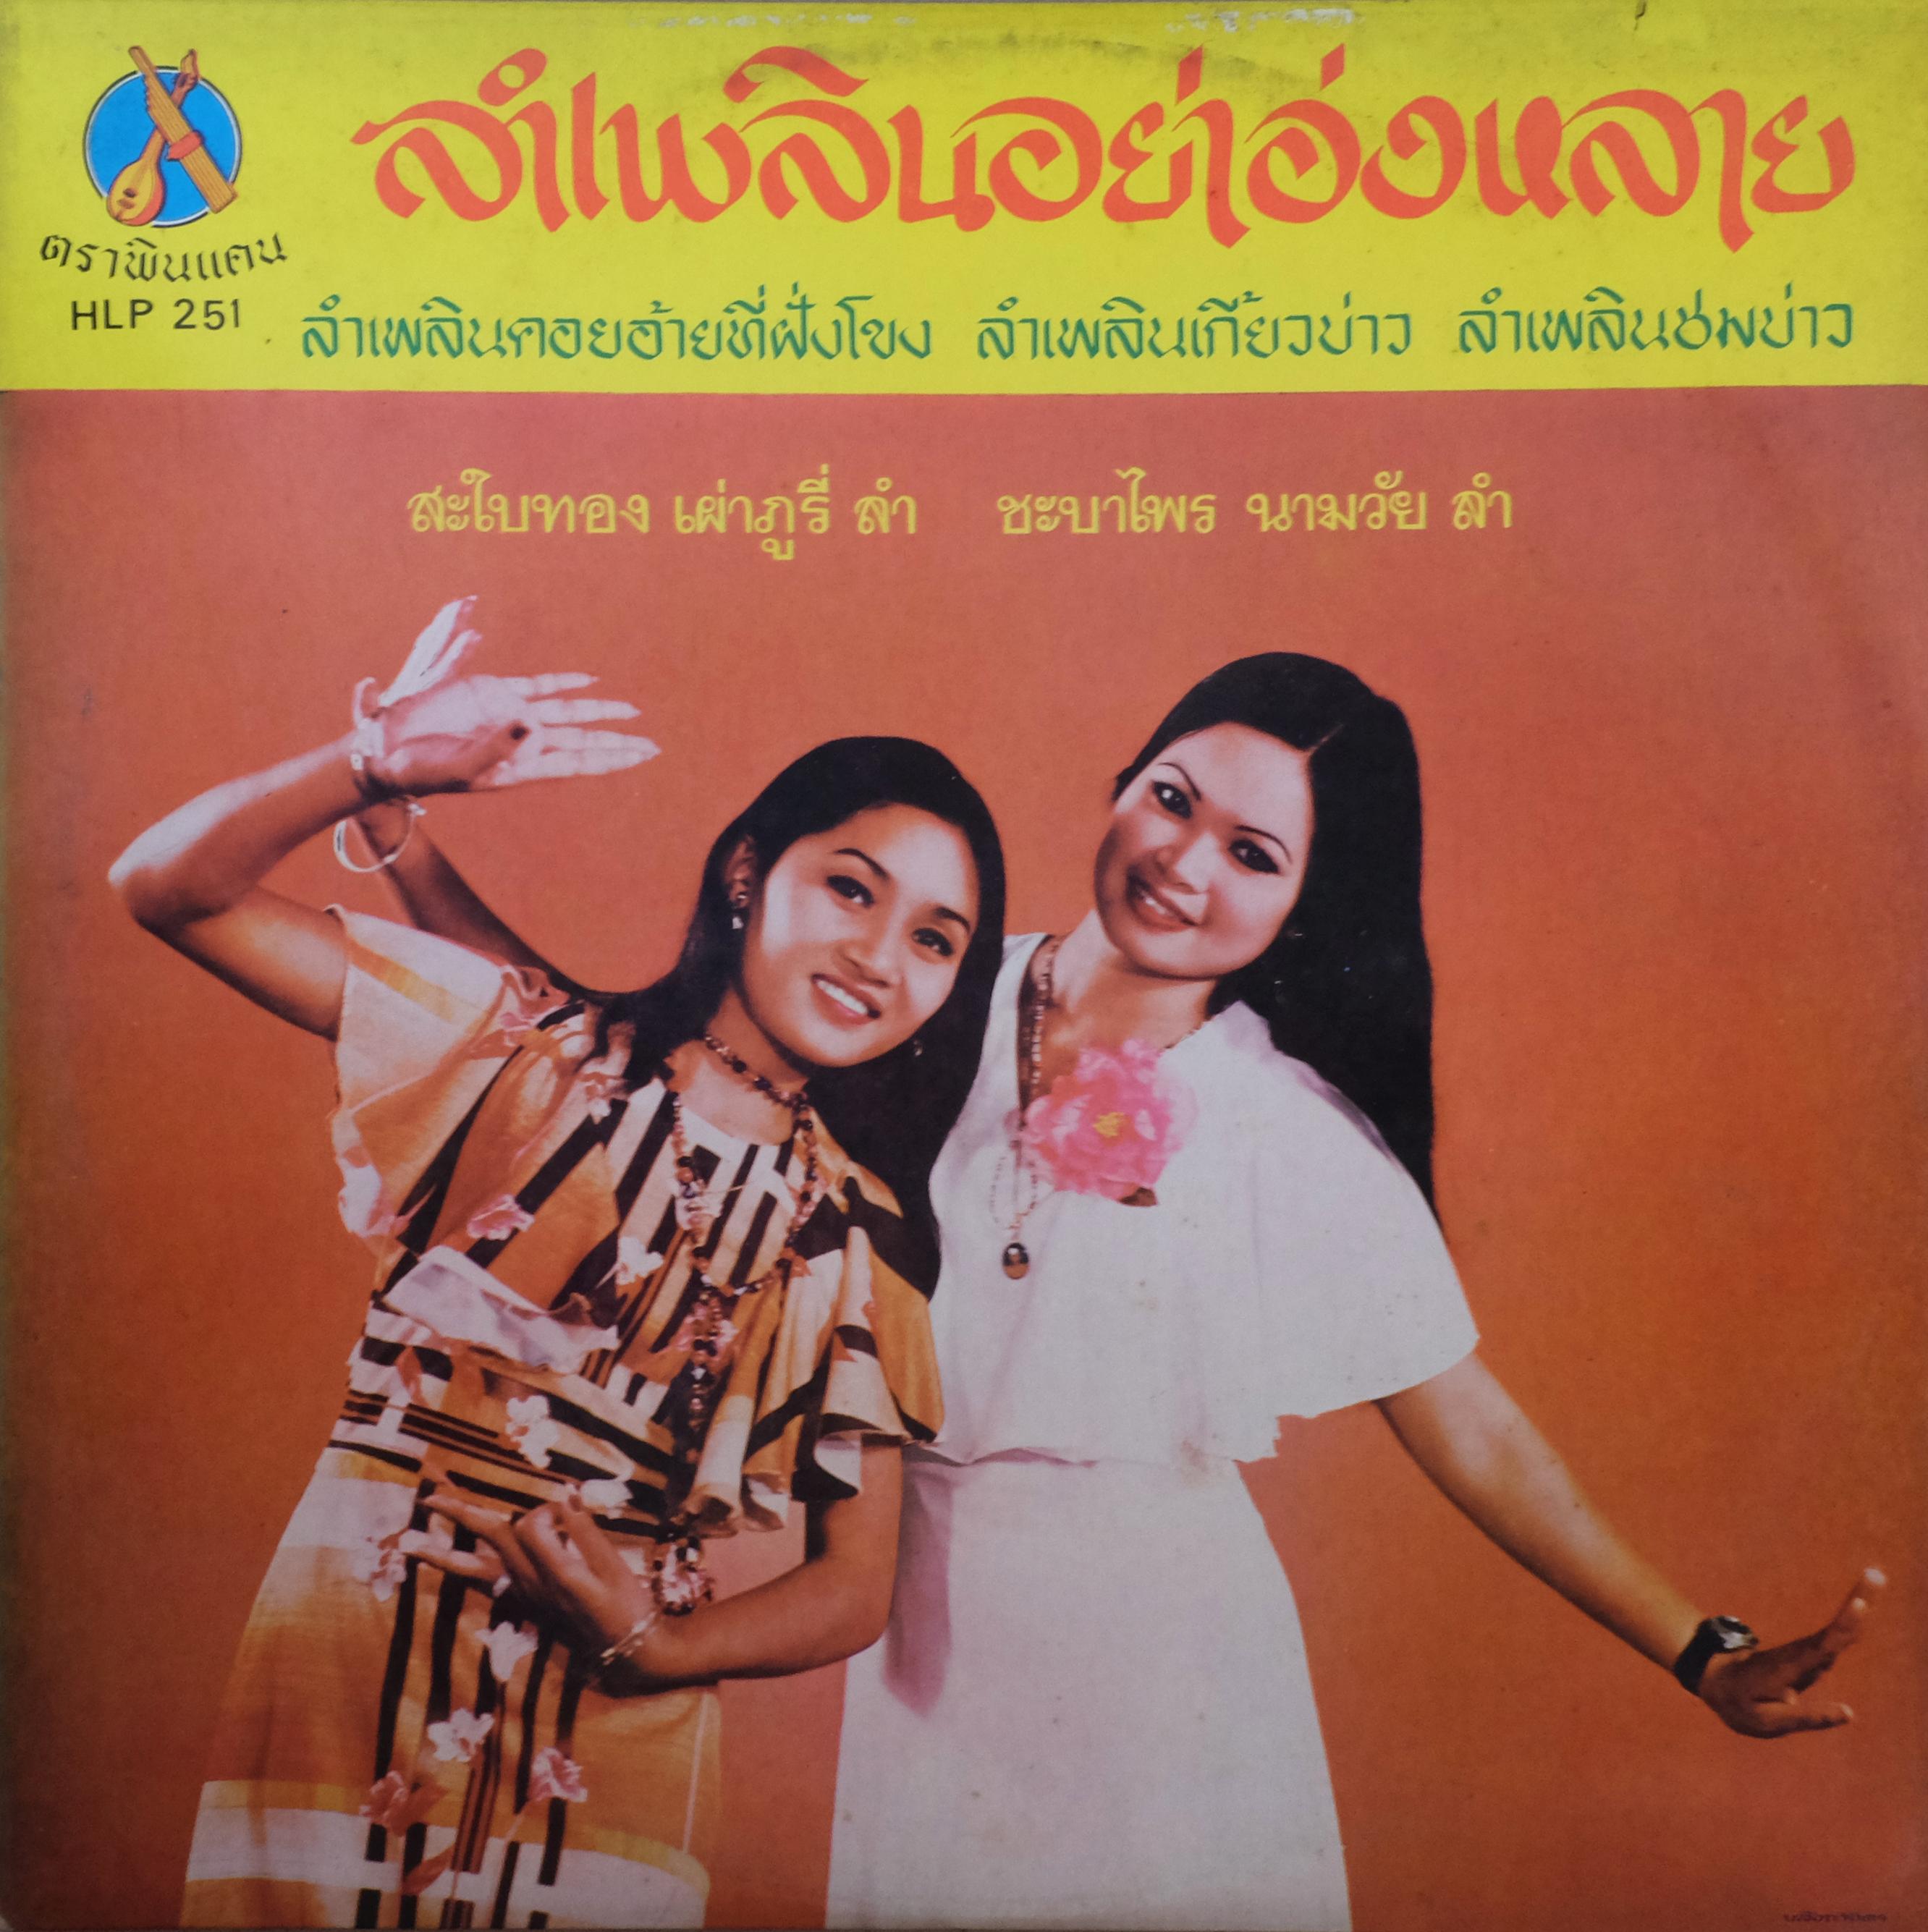 Sabai Thong Chabapai